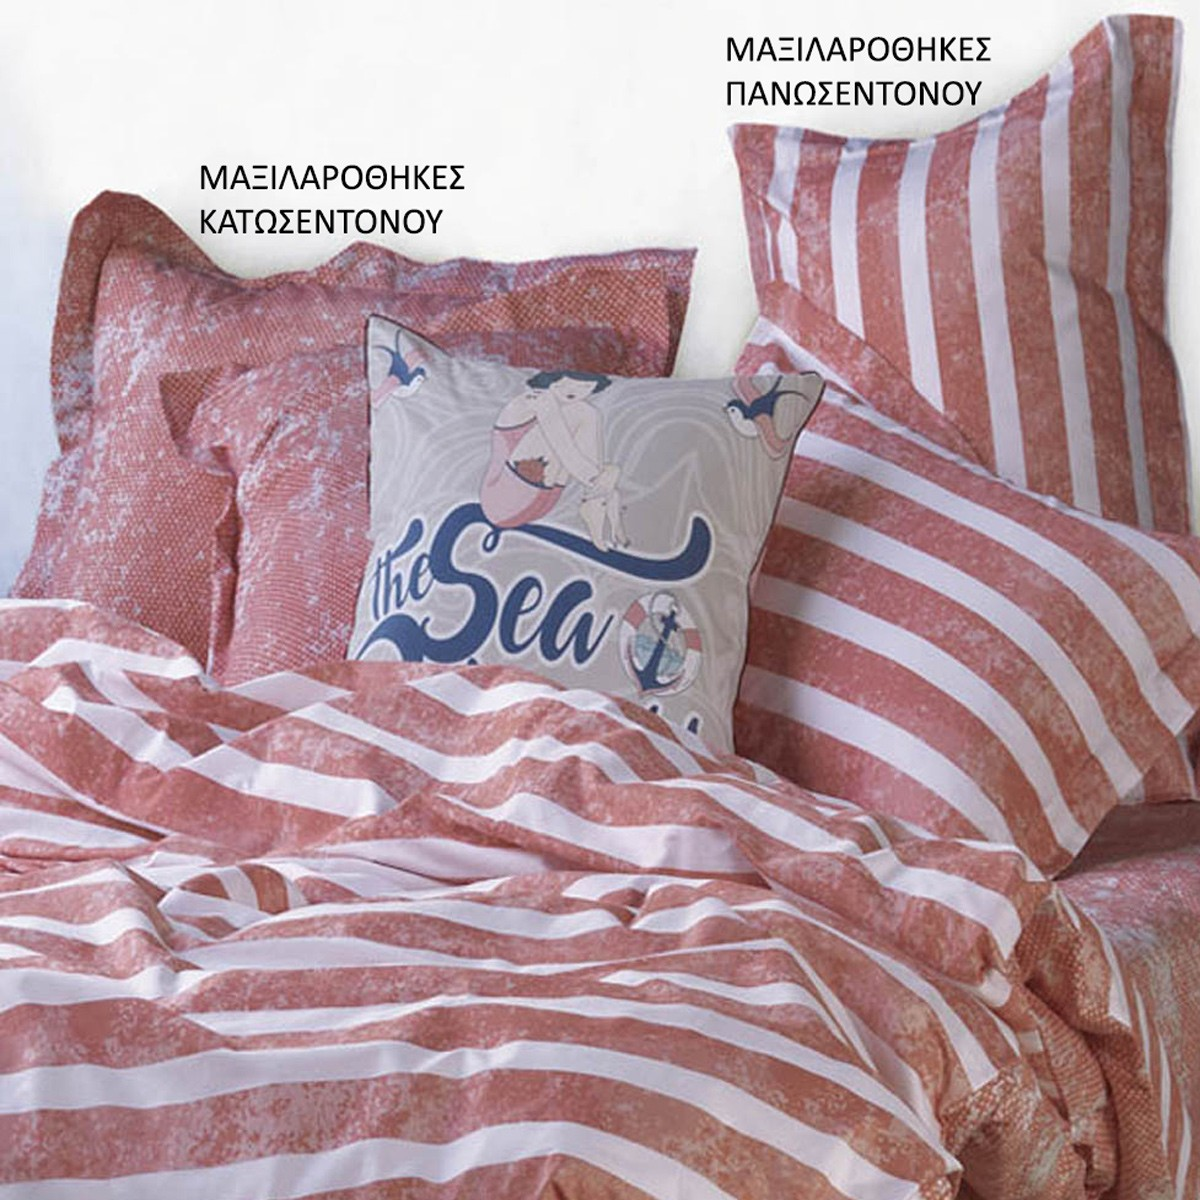 Ζεύγος Μαξιλαροθήκες Kentia Versus Santorini 18 ΜΑΞΙΛΑΡΟΘΗΚΗ ΚΑΤΩΣΕΝΤΟΝΟΥ ΜΑΞΙΛΑΡΟΘΗΚΗ ΚΑΤΩΣΕΝΤΟΝΟΥ